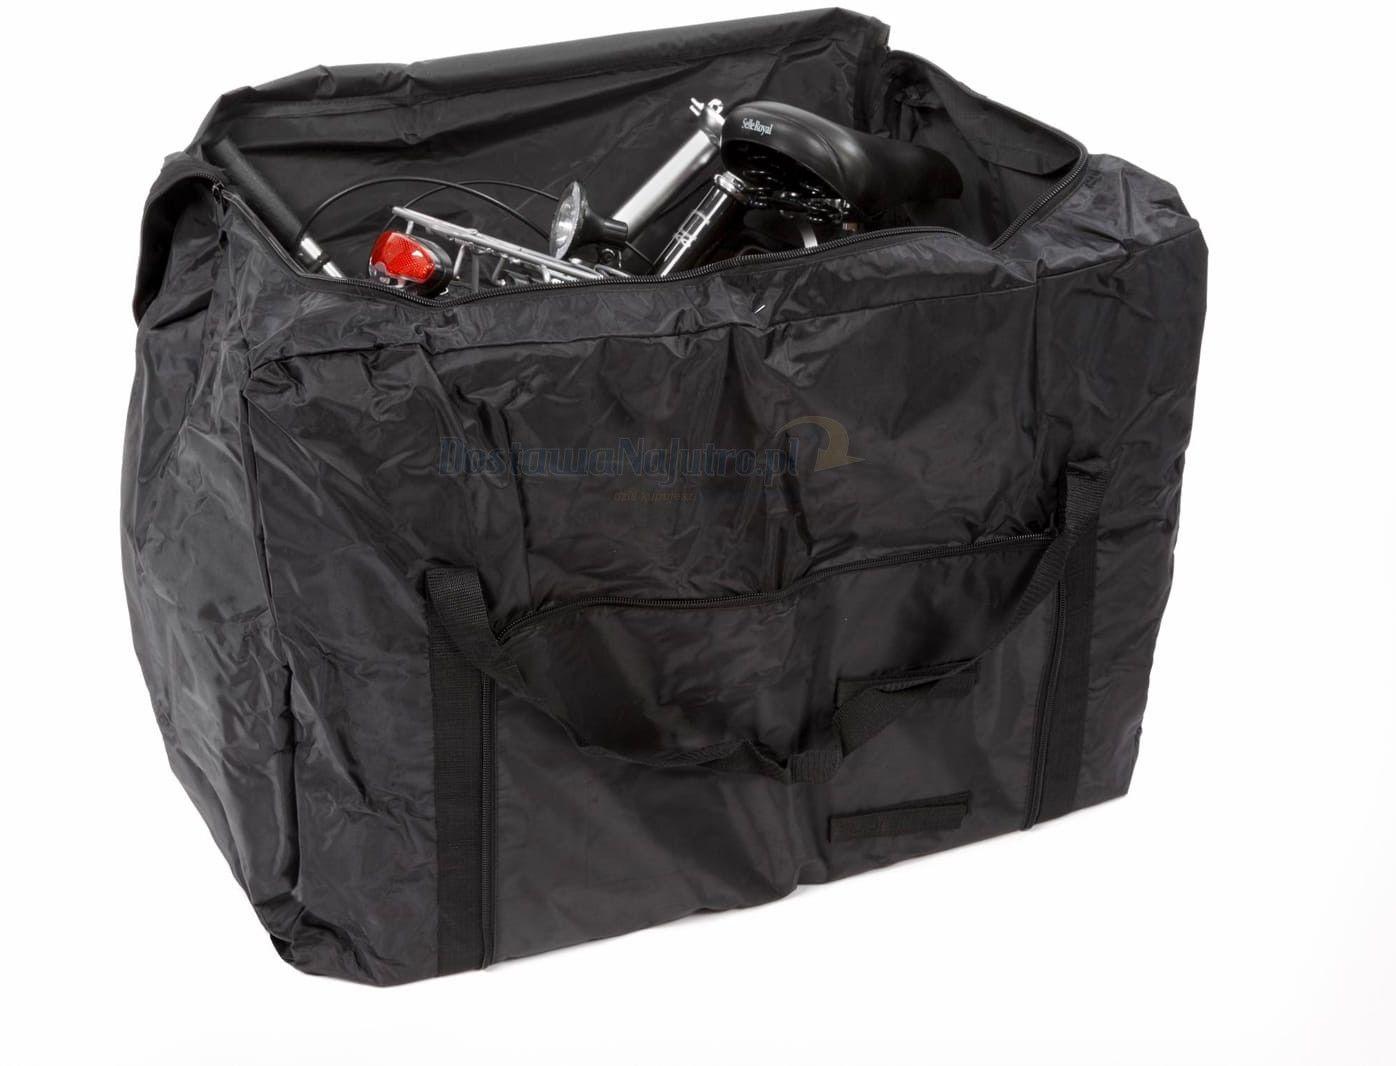 """Torba - pokrowiec dla roweru składanego z kołami 20"""" lub mniejszymi"""